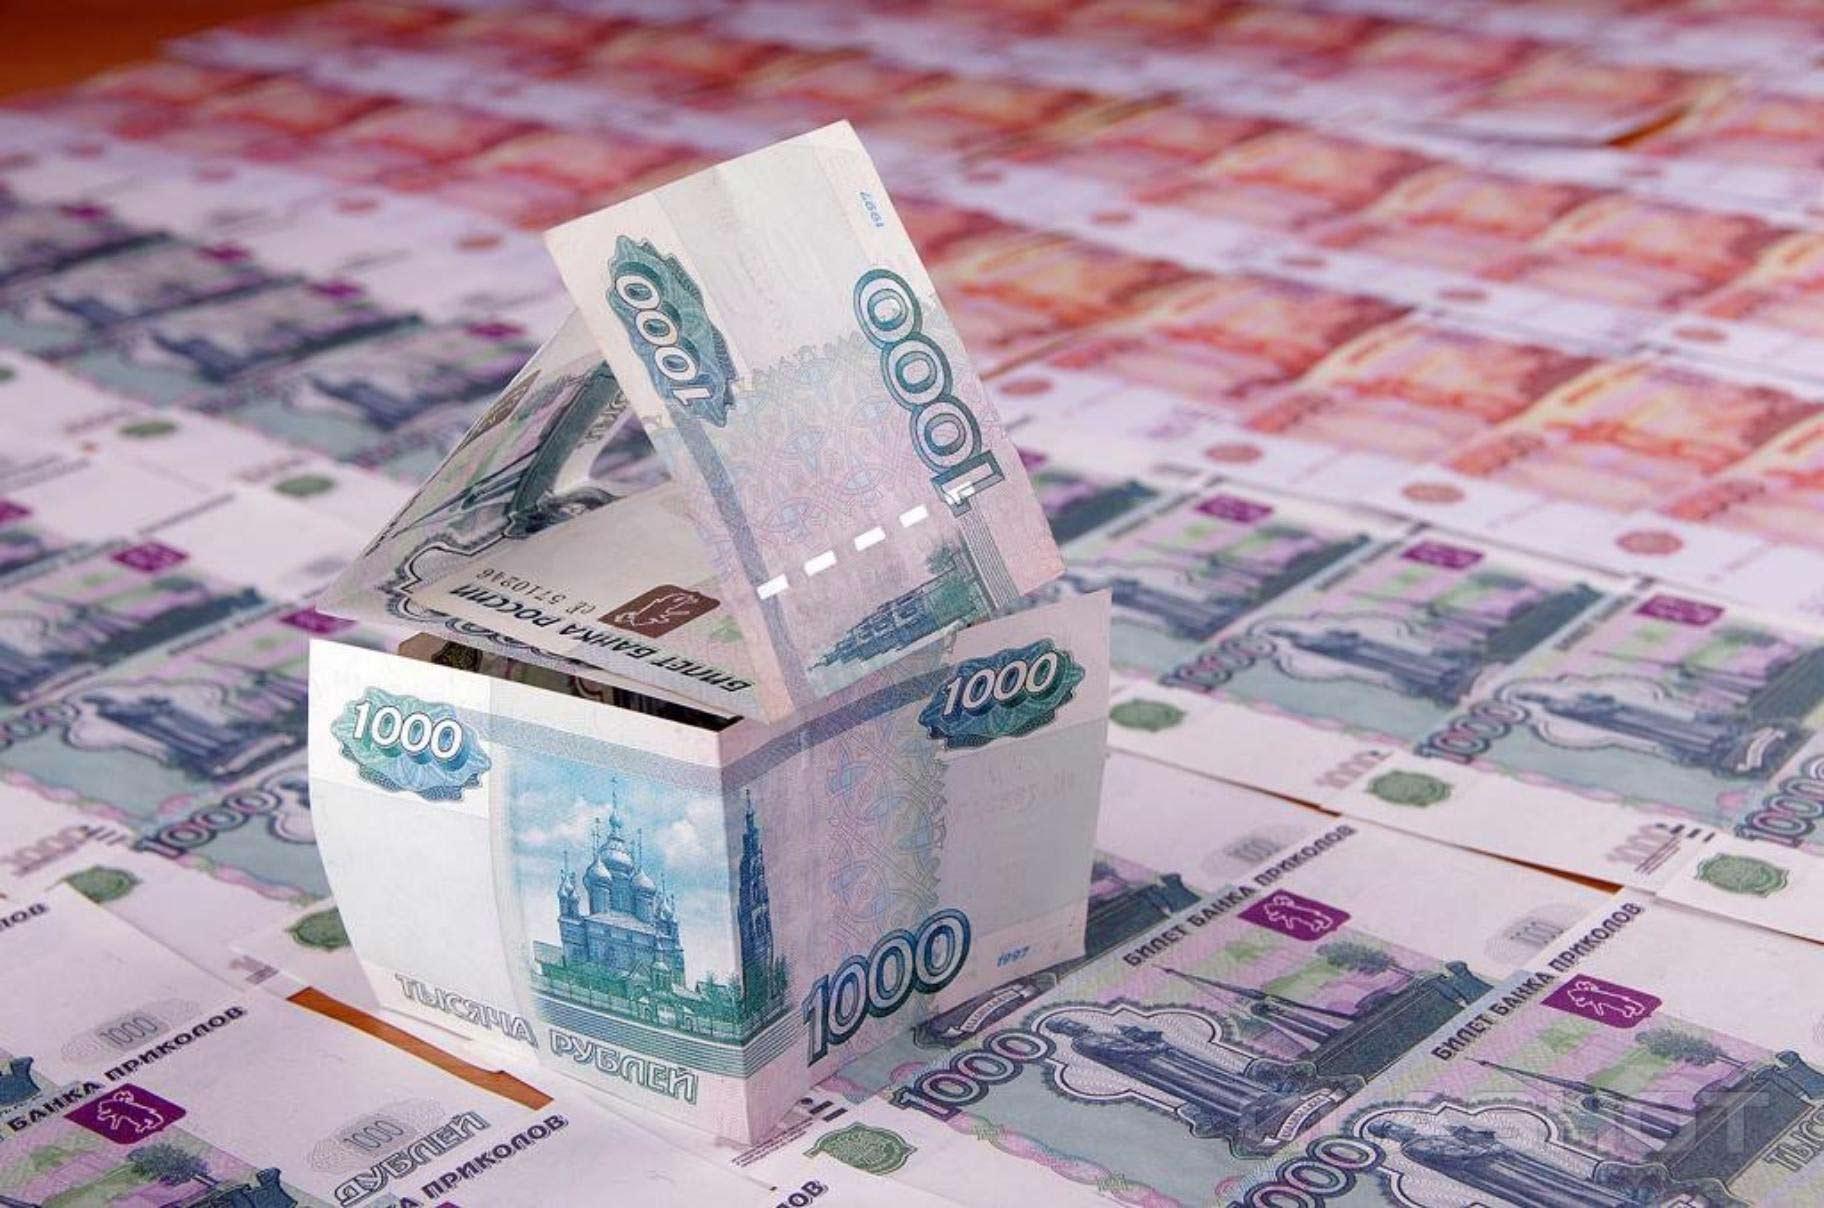 Бесплатный марафон по инвестициям «Первые шаги инвестора»